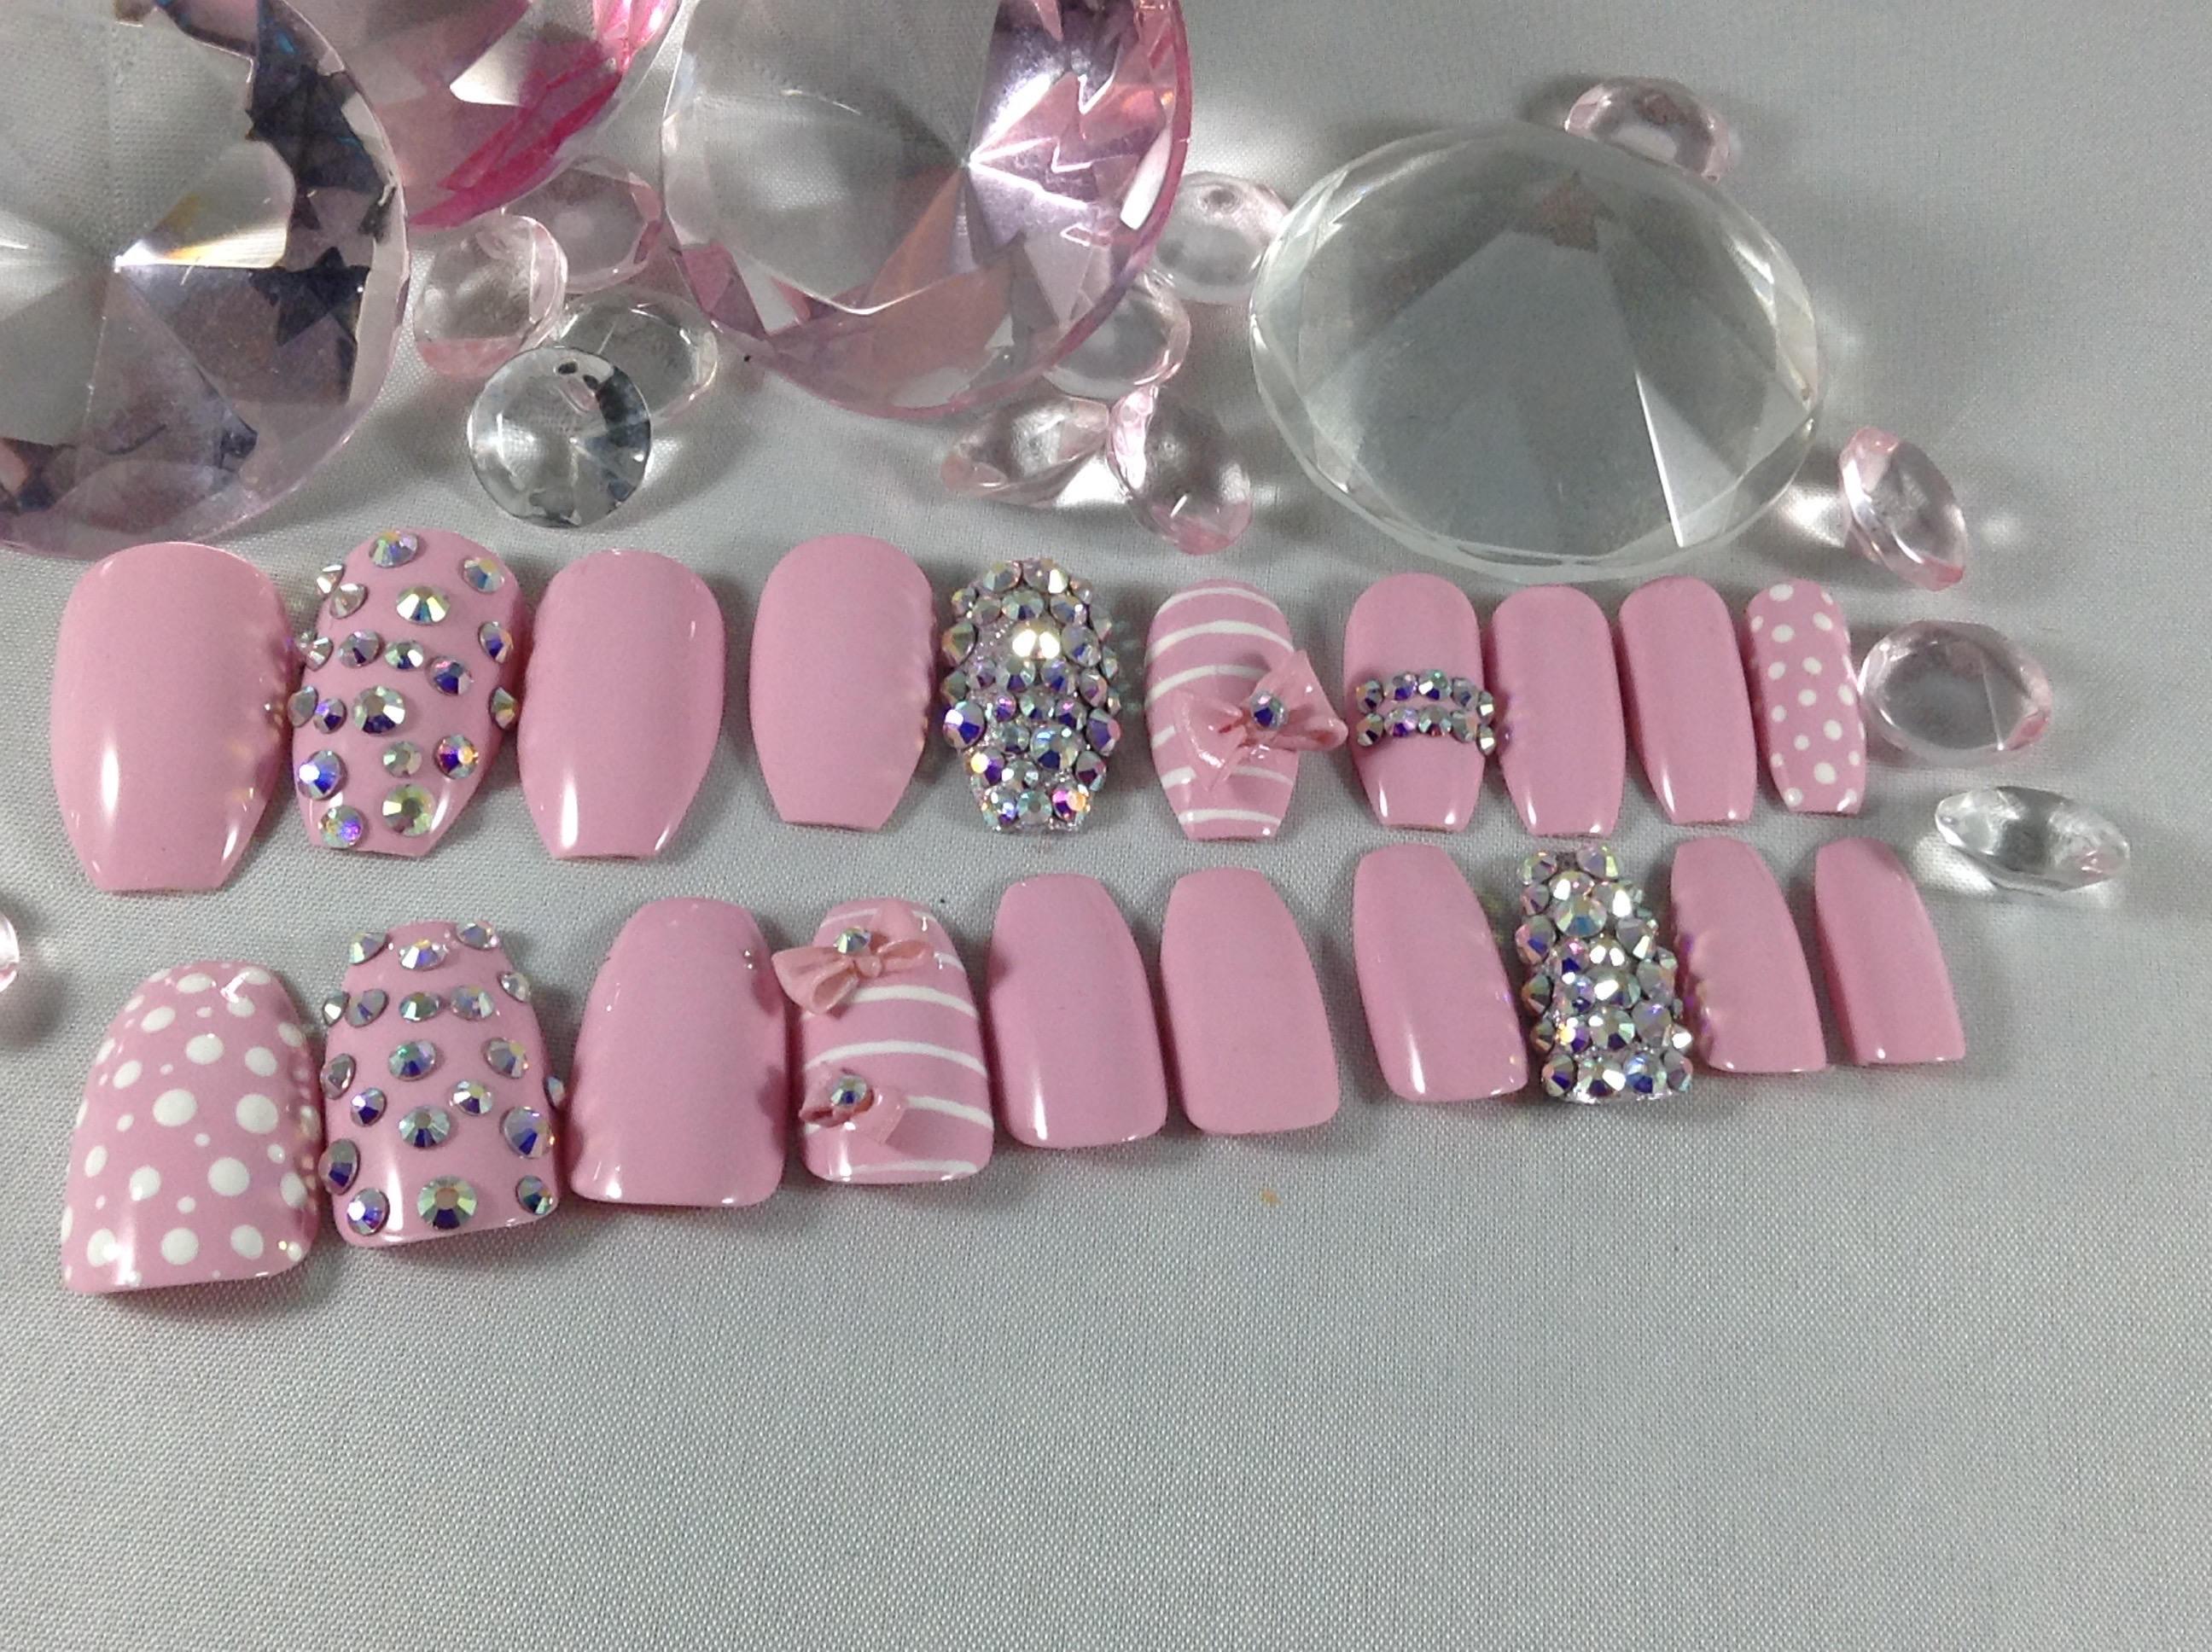 3d press on nails, fake nails, pink nails, birthday nails, prom ...